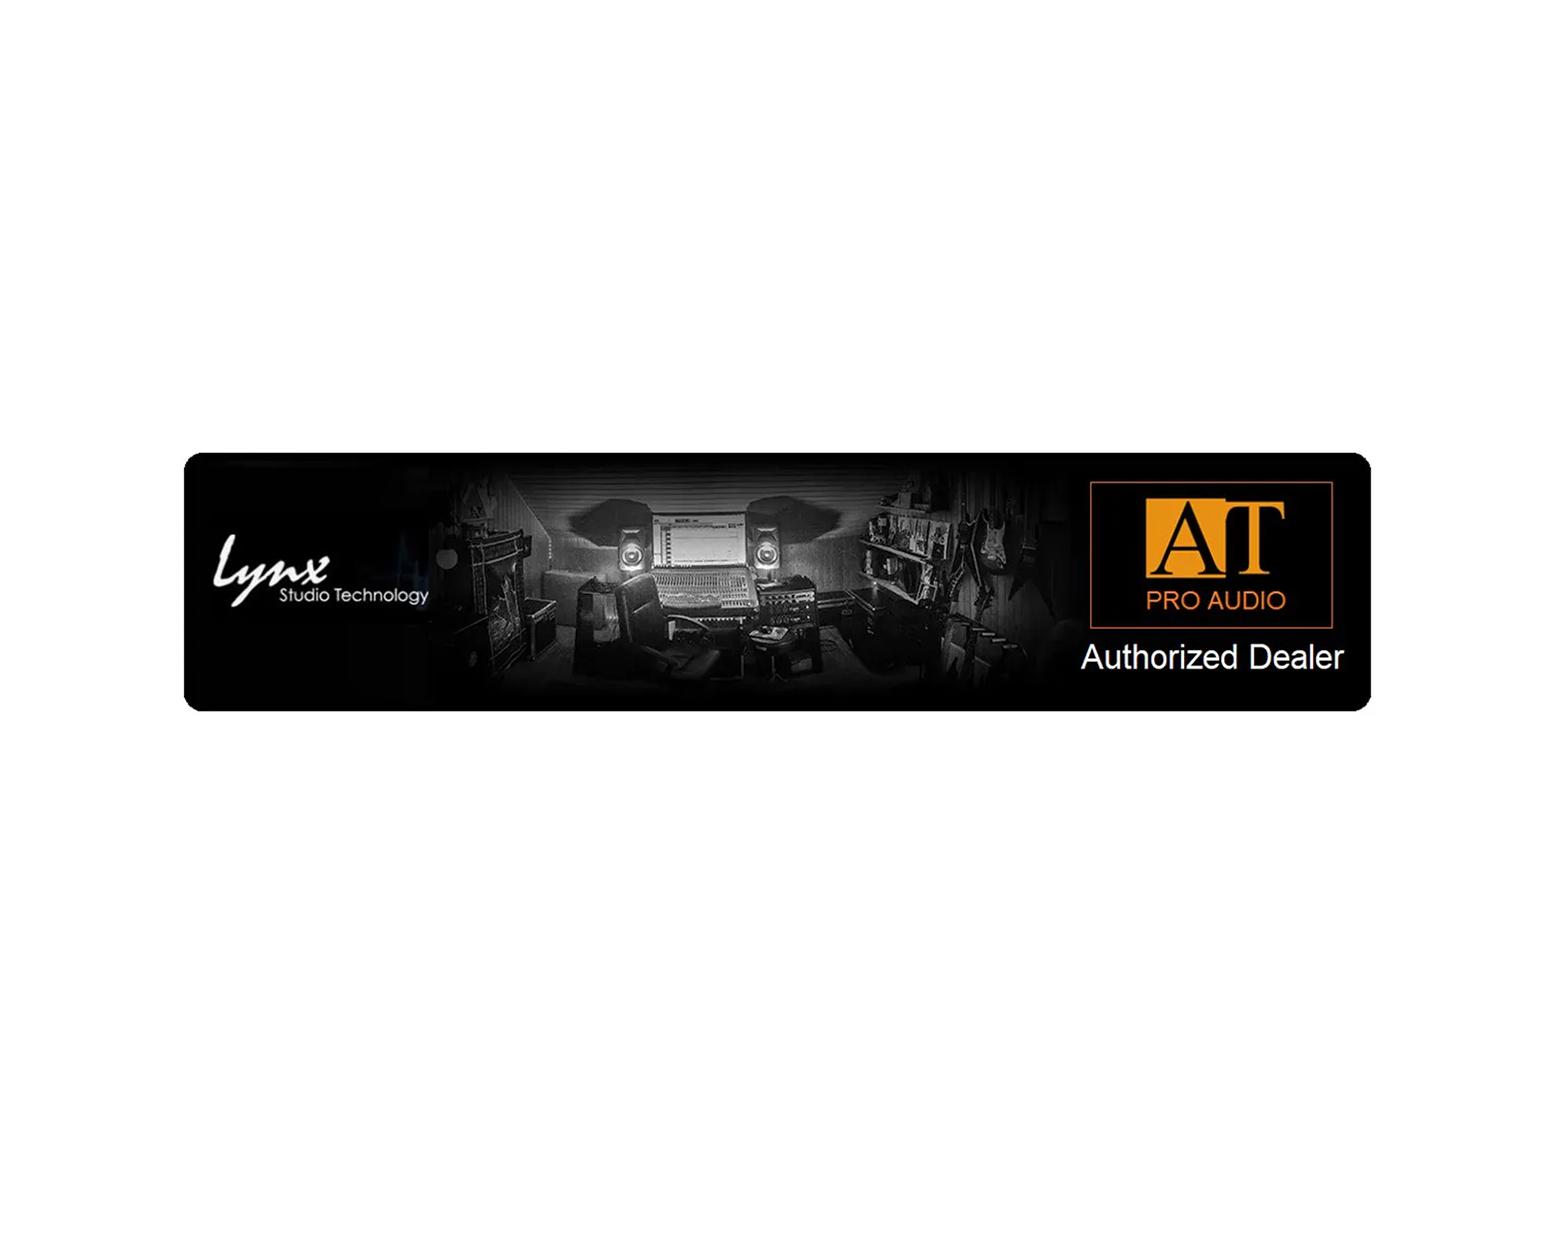 CONVERSOR AD/DA LYNX STUDIO TECHNOLOGY HILO REFERENCE USB SILVER